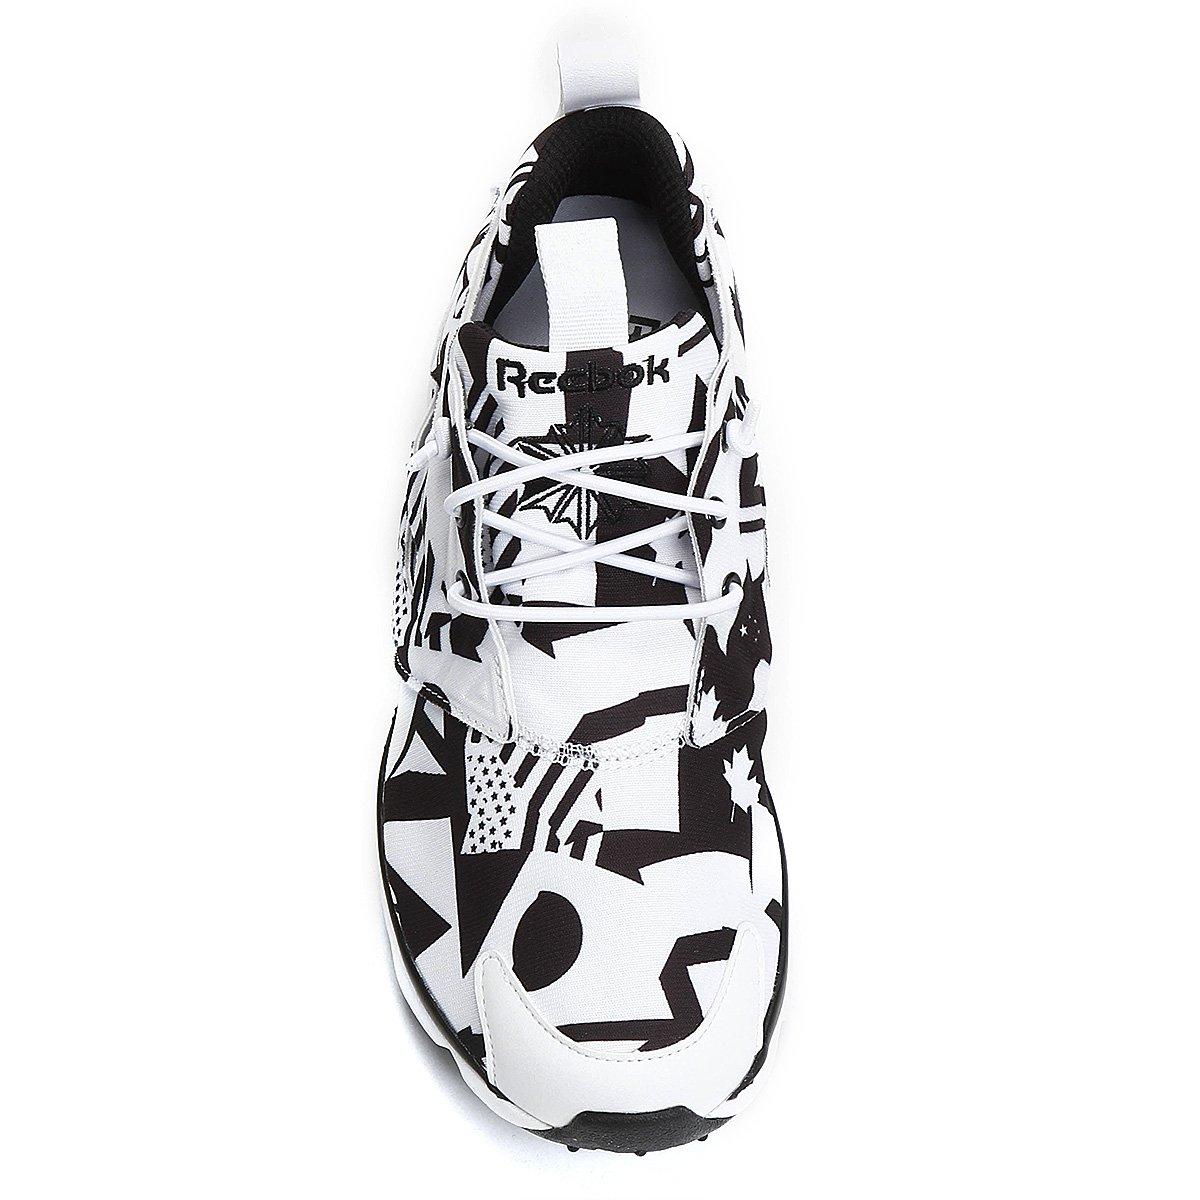 Tênis Reebok Furylite Graphic - Preto e Branco - Compre Agora  19fe68a1482c2